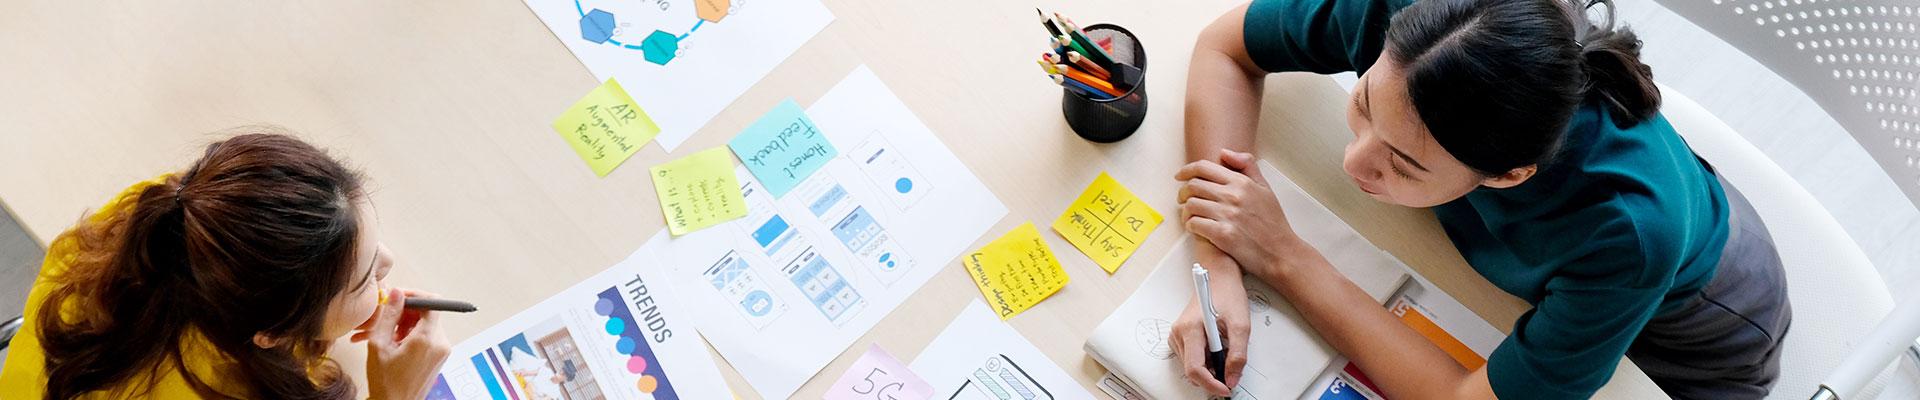 İletişim & Tasarım